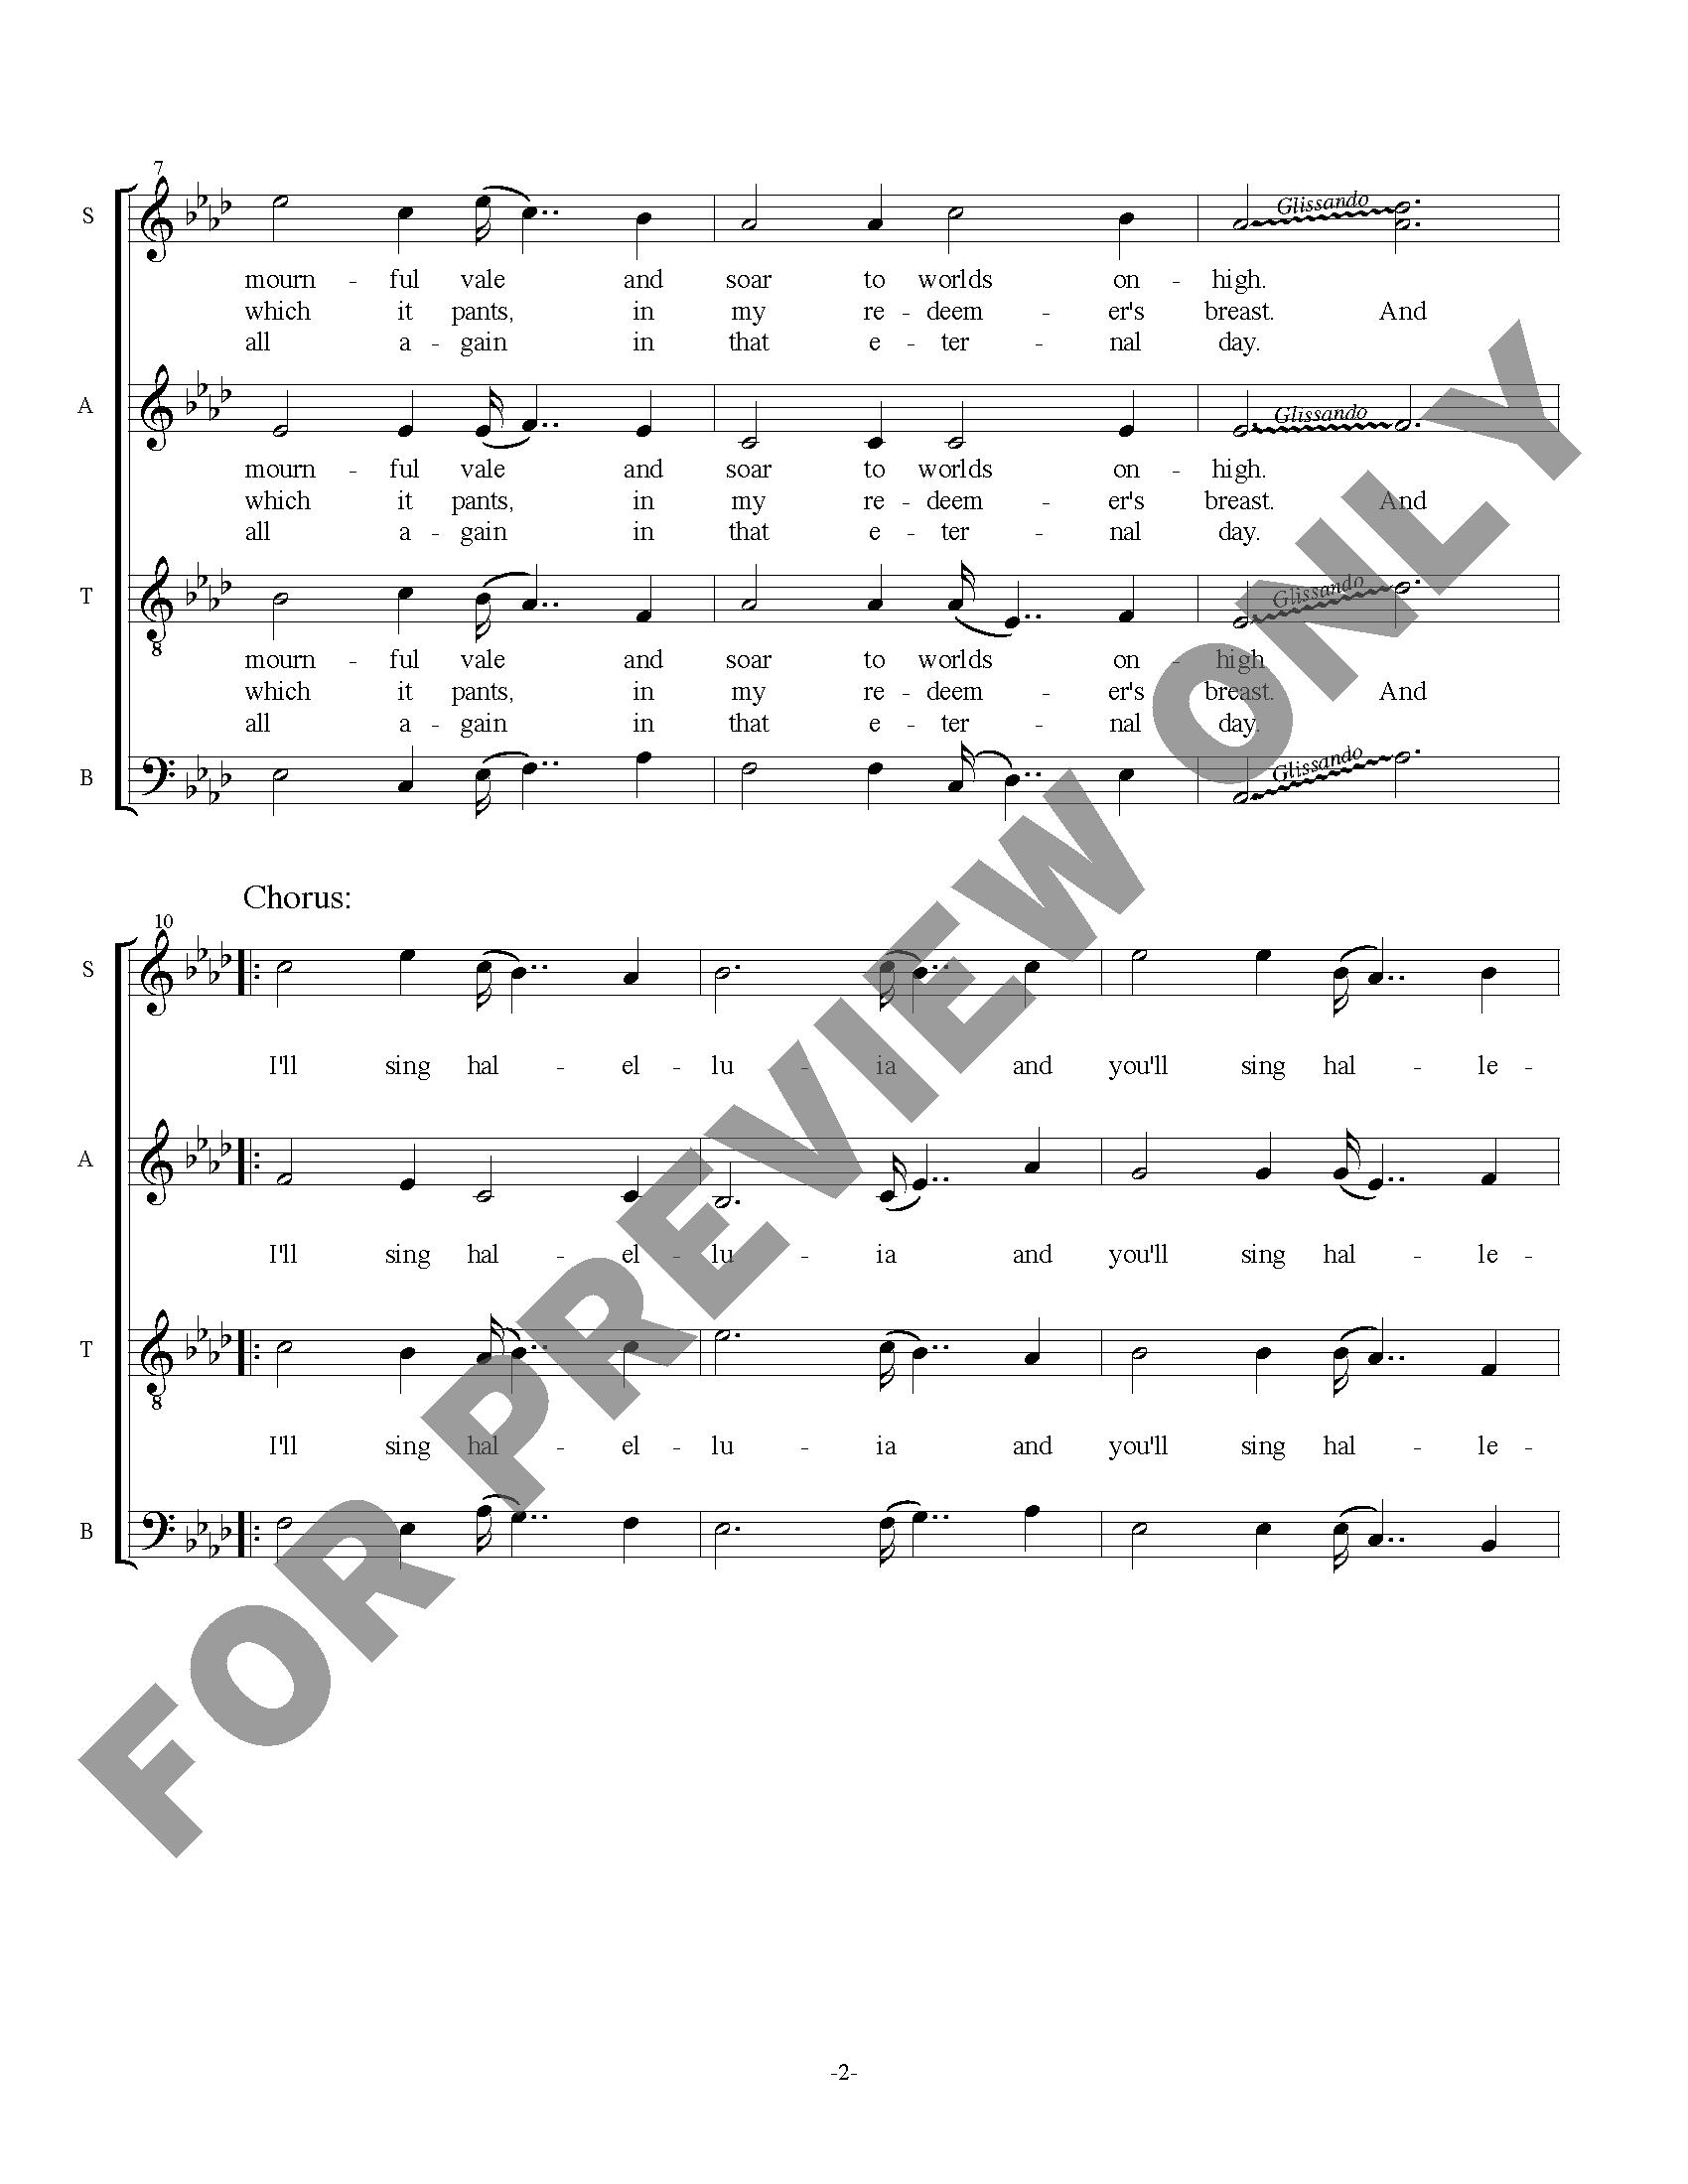 hallelujah-perusal_Page_2